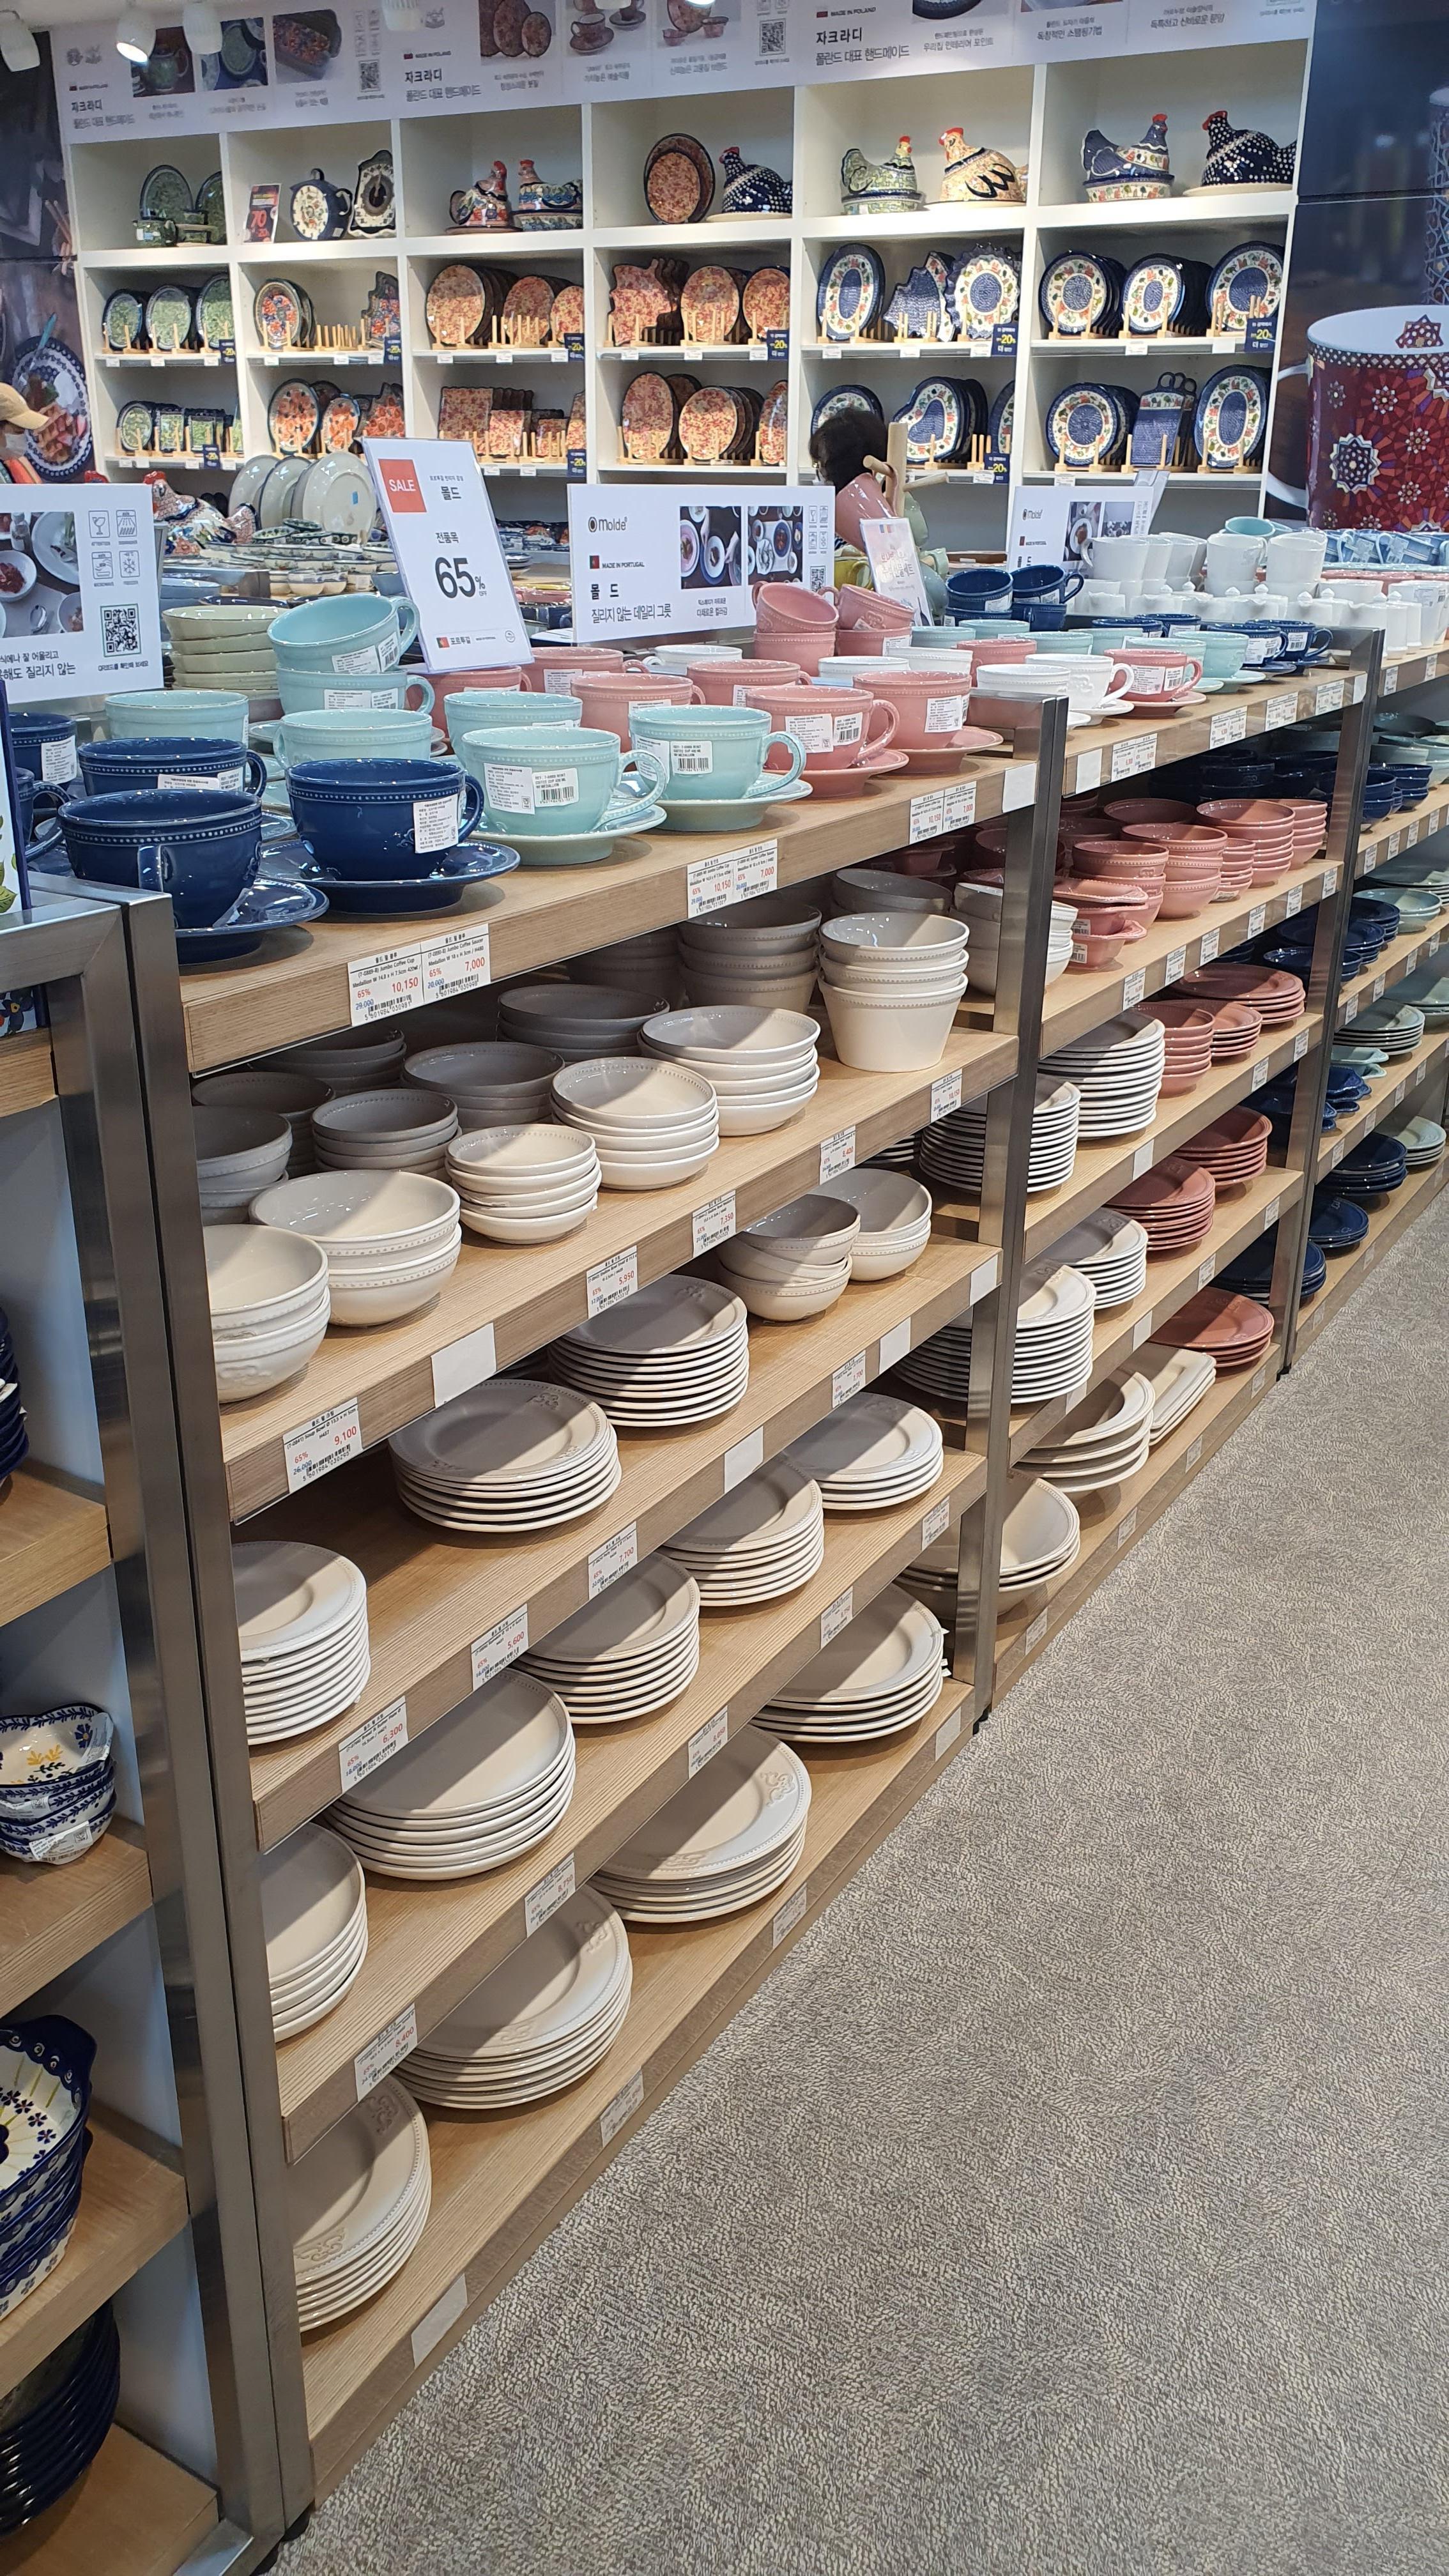 겹겹이-쌓인-접시들